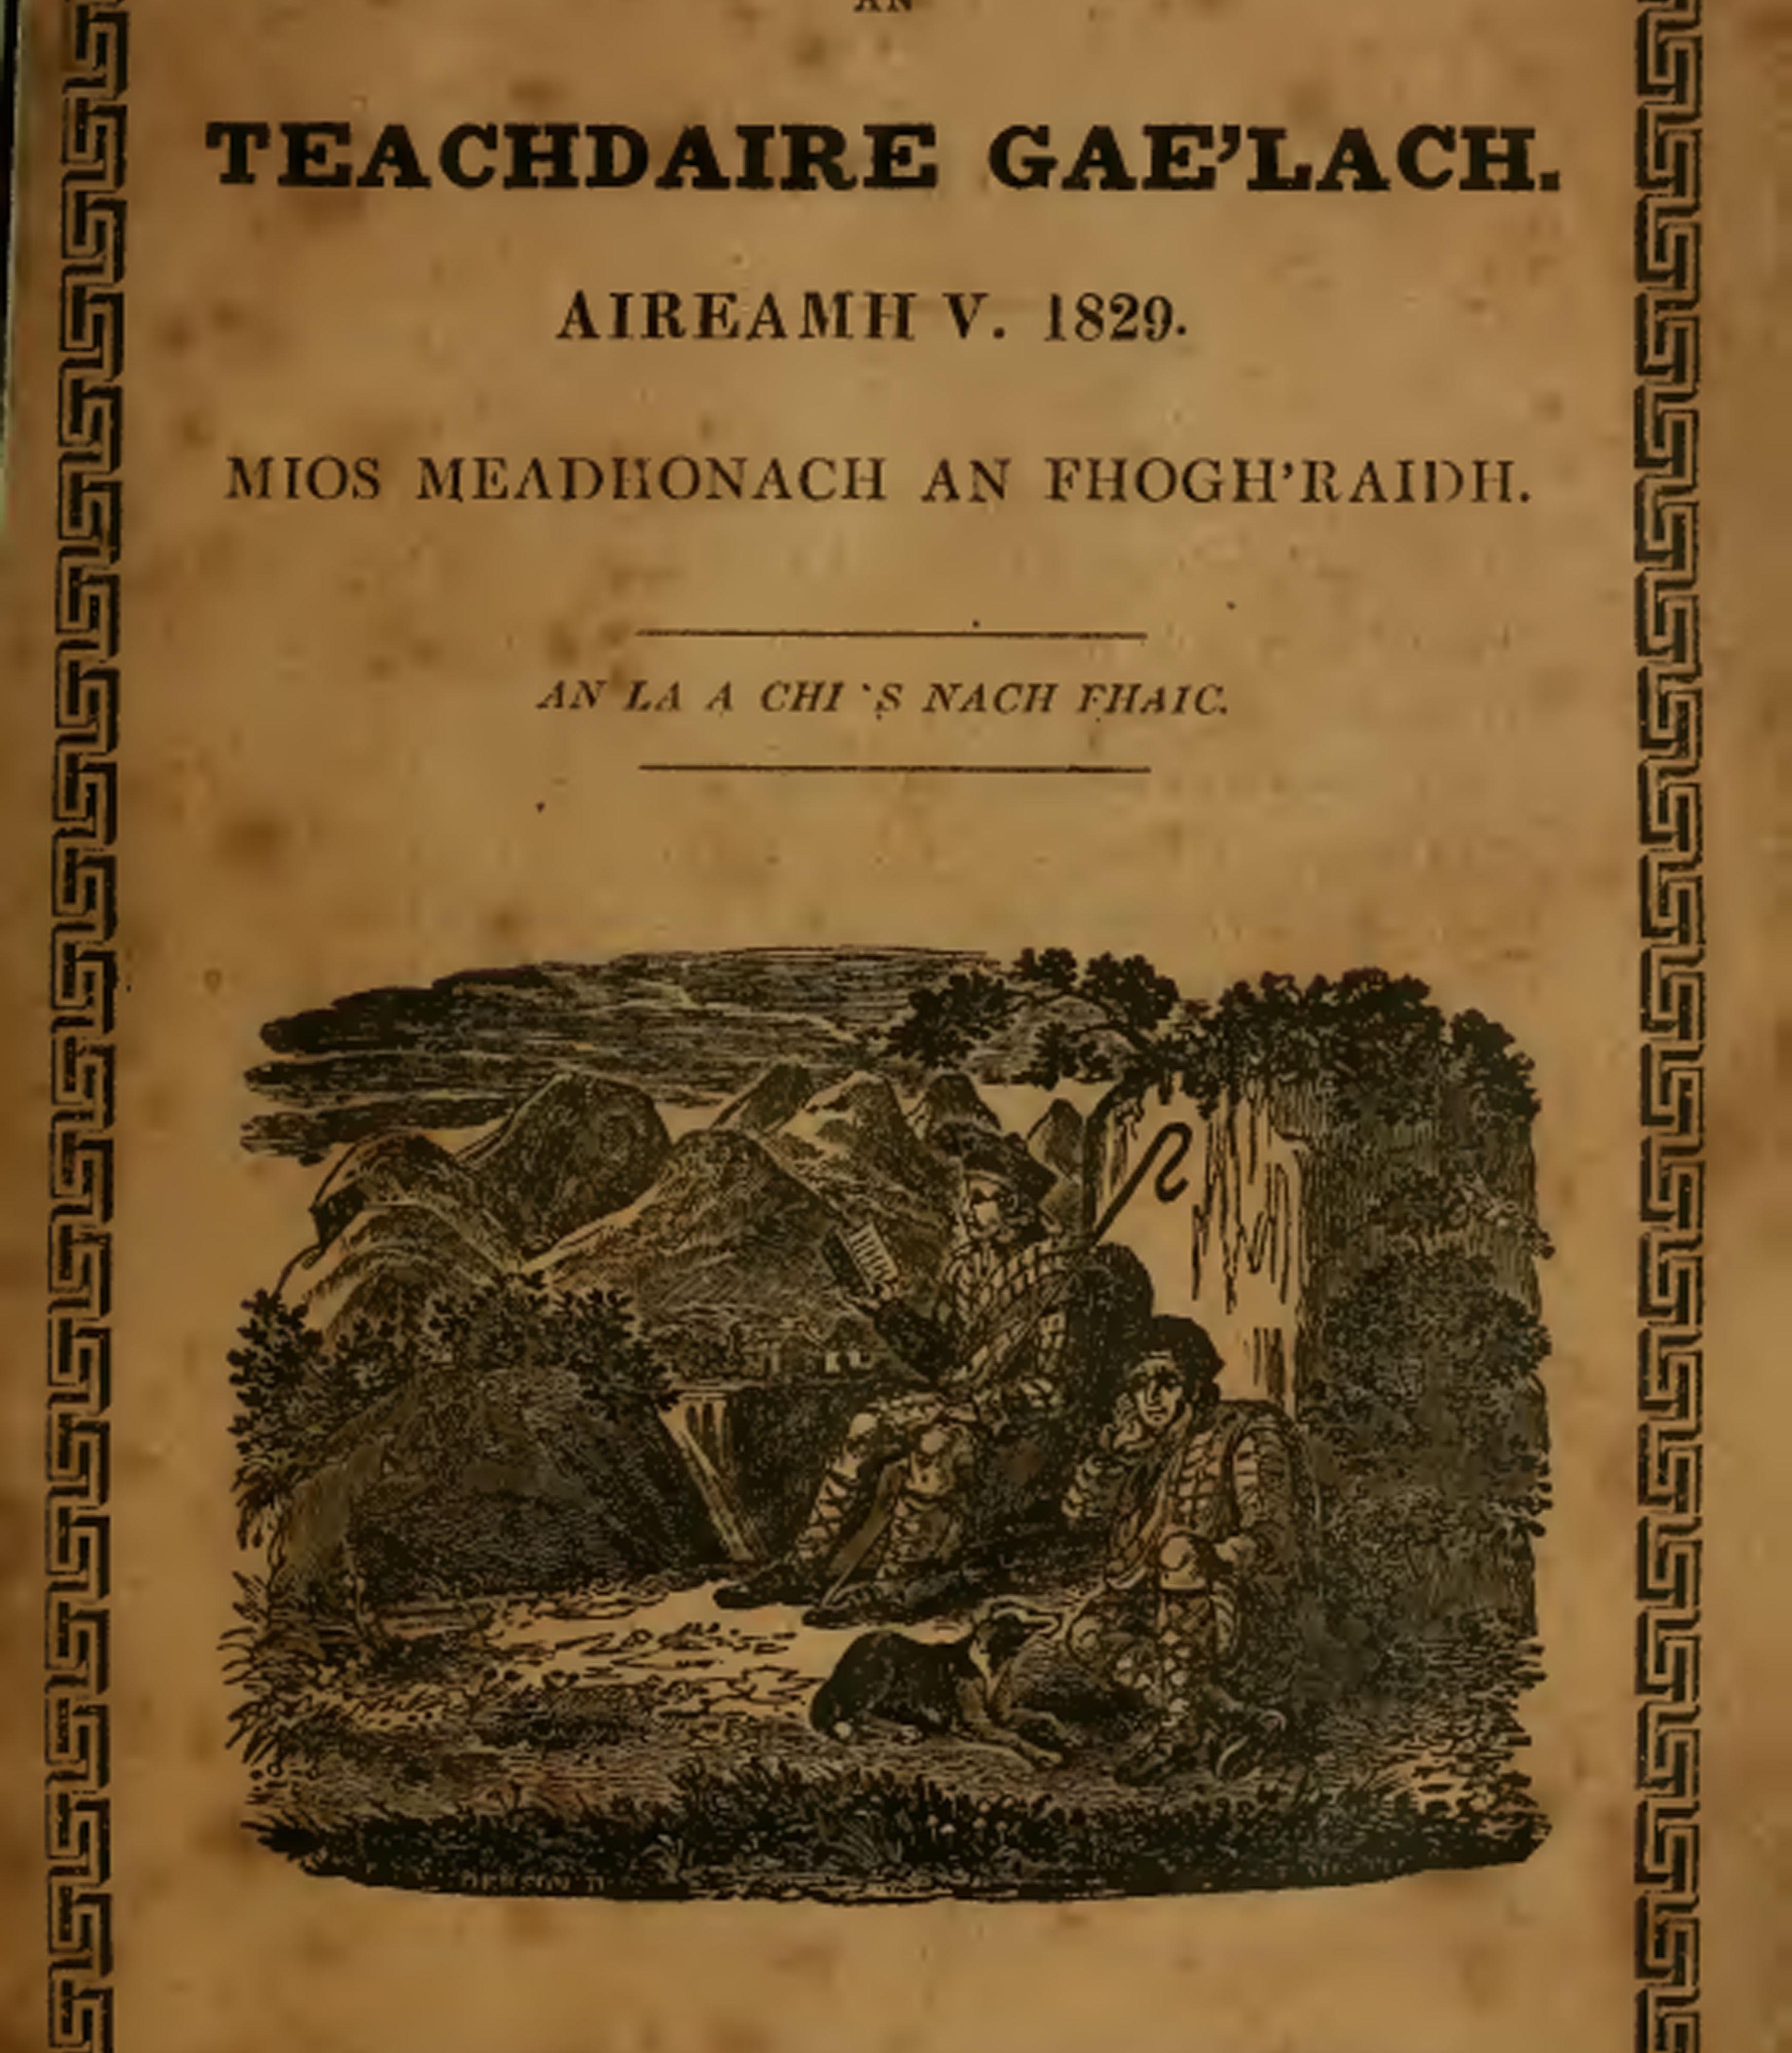 Cover of Teachdaire Gae'lach booklet